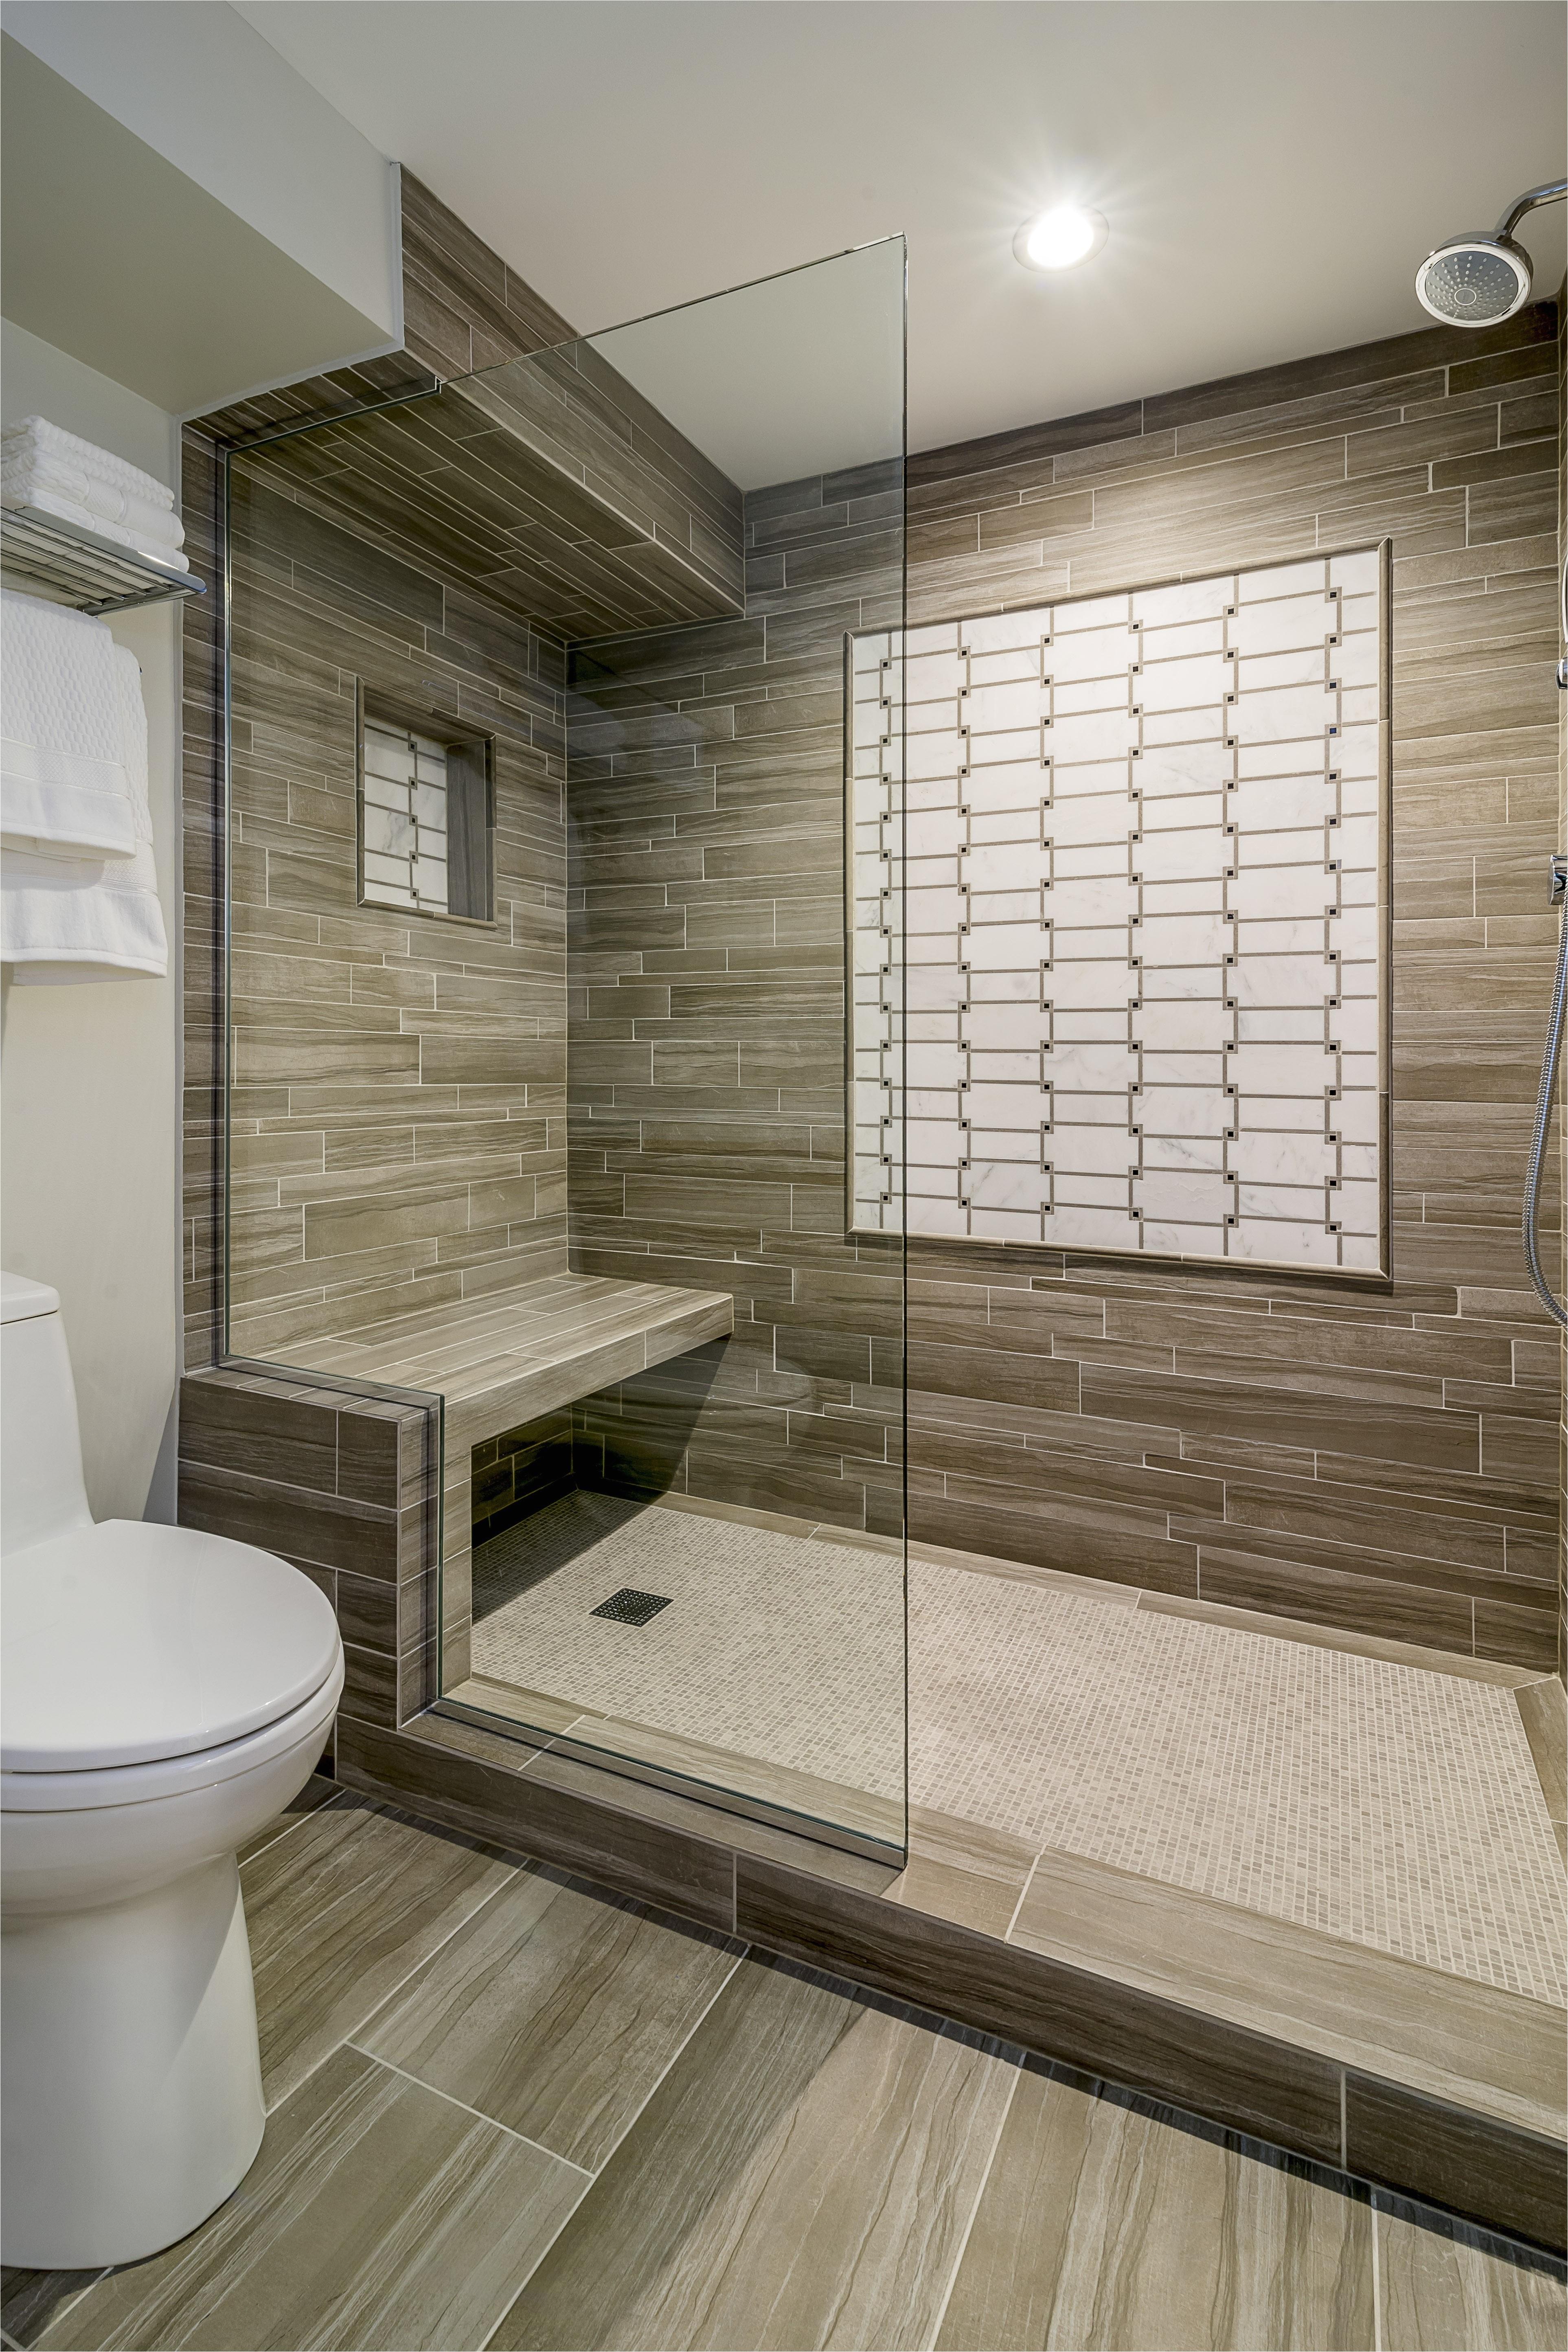 Lovely Cheap Bathroom Tile with Bathroom Floor Tile Design Ideas New Floor Tiles Mosaic Bathroom 0d